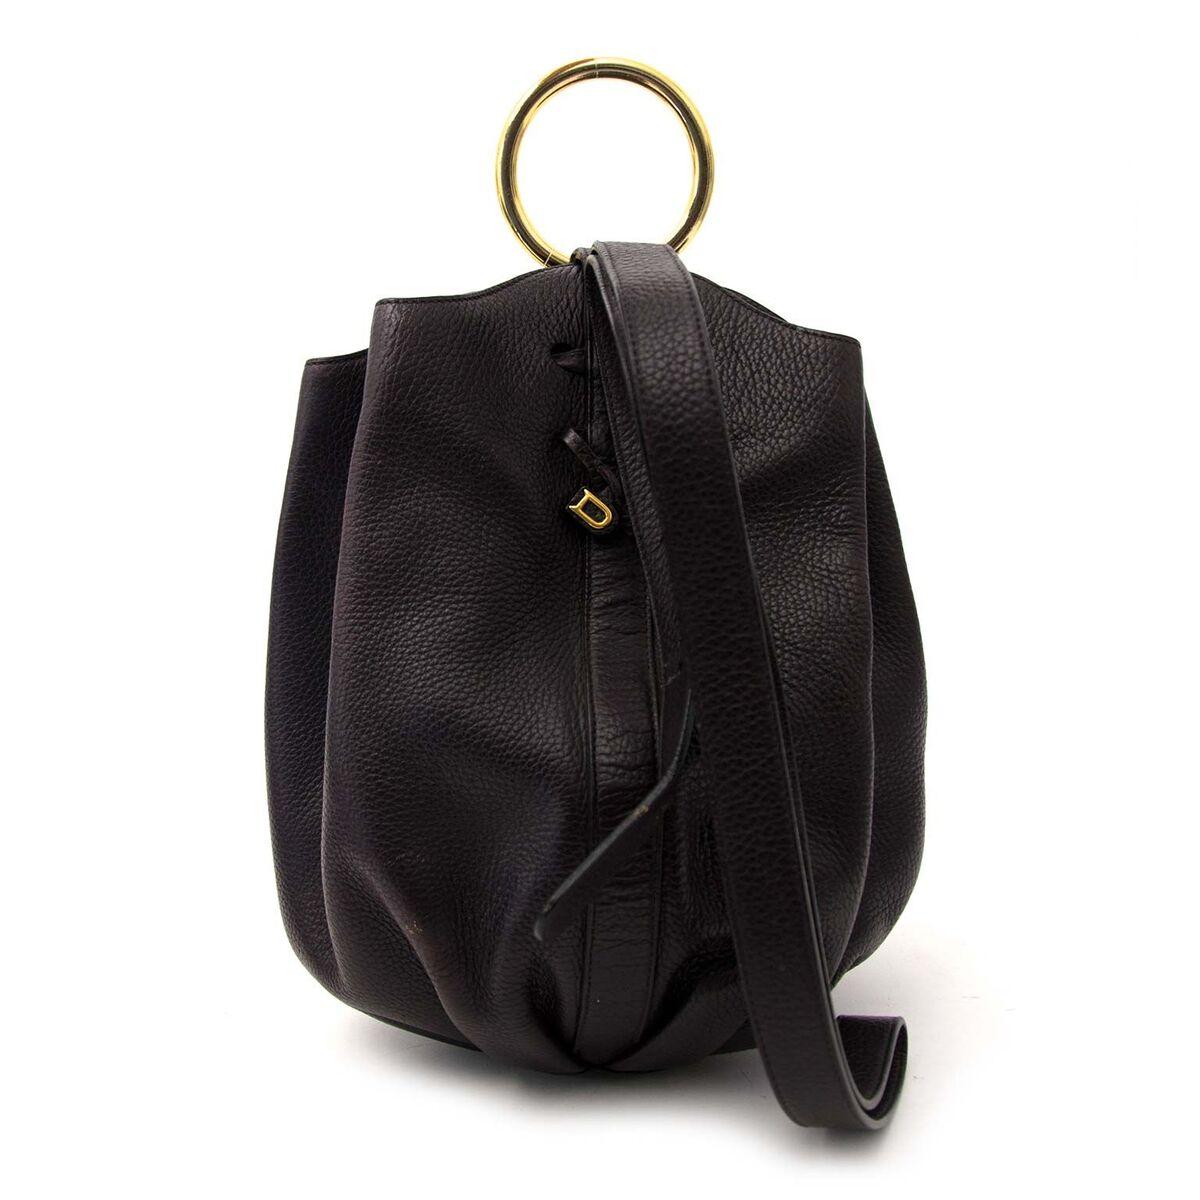 Koop authentieke tweedehands Delvaux handtassen aan een eerlijke prijs bij LabelLOV. Veilig online shoppen.